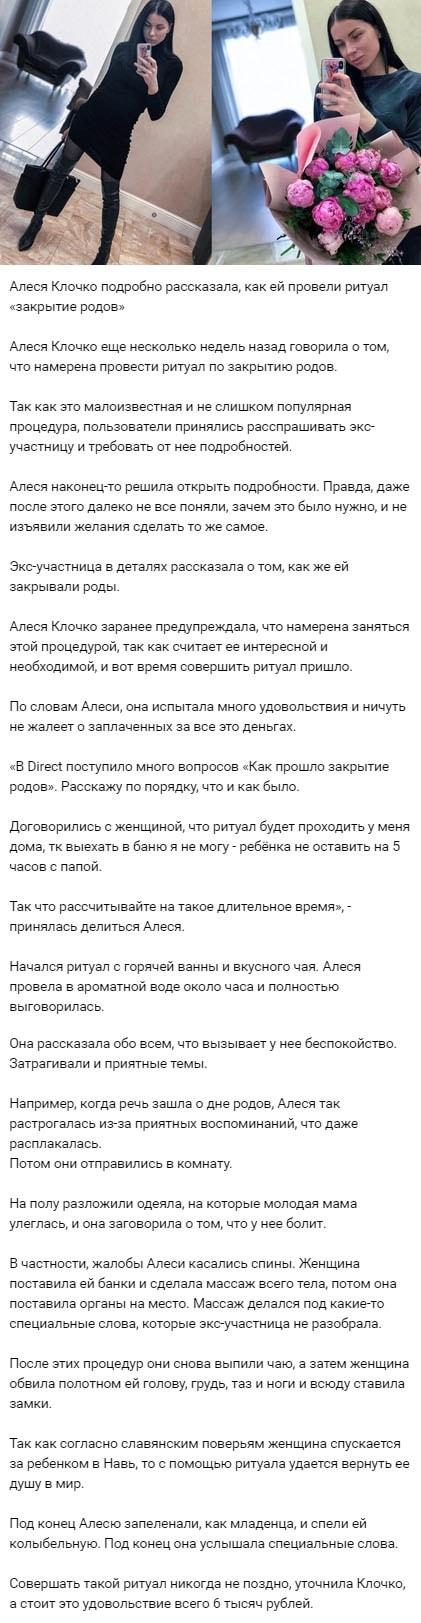 Алеся Клочко рассказала о загадочной процедуре закрытия родов